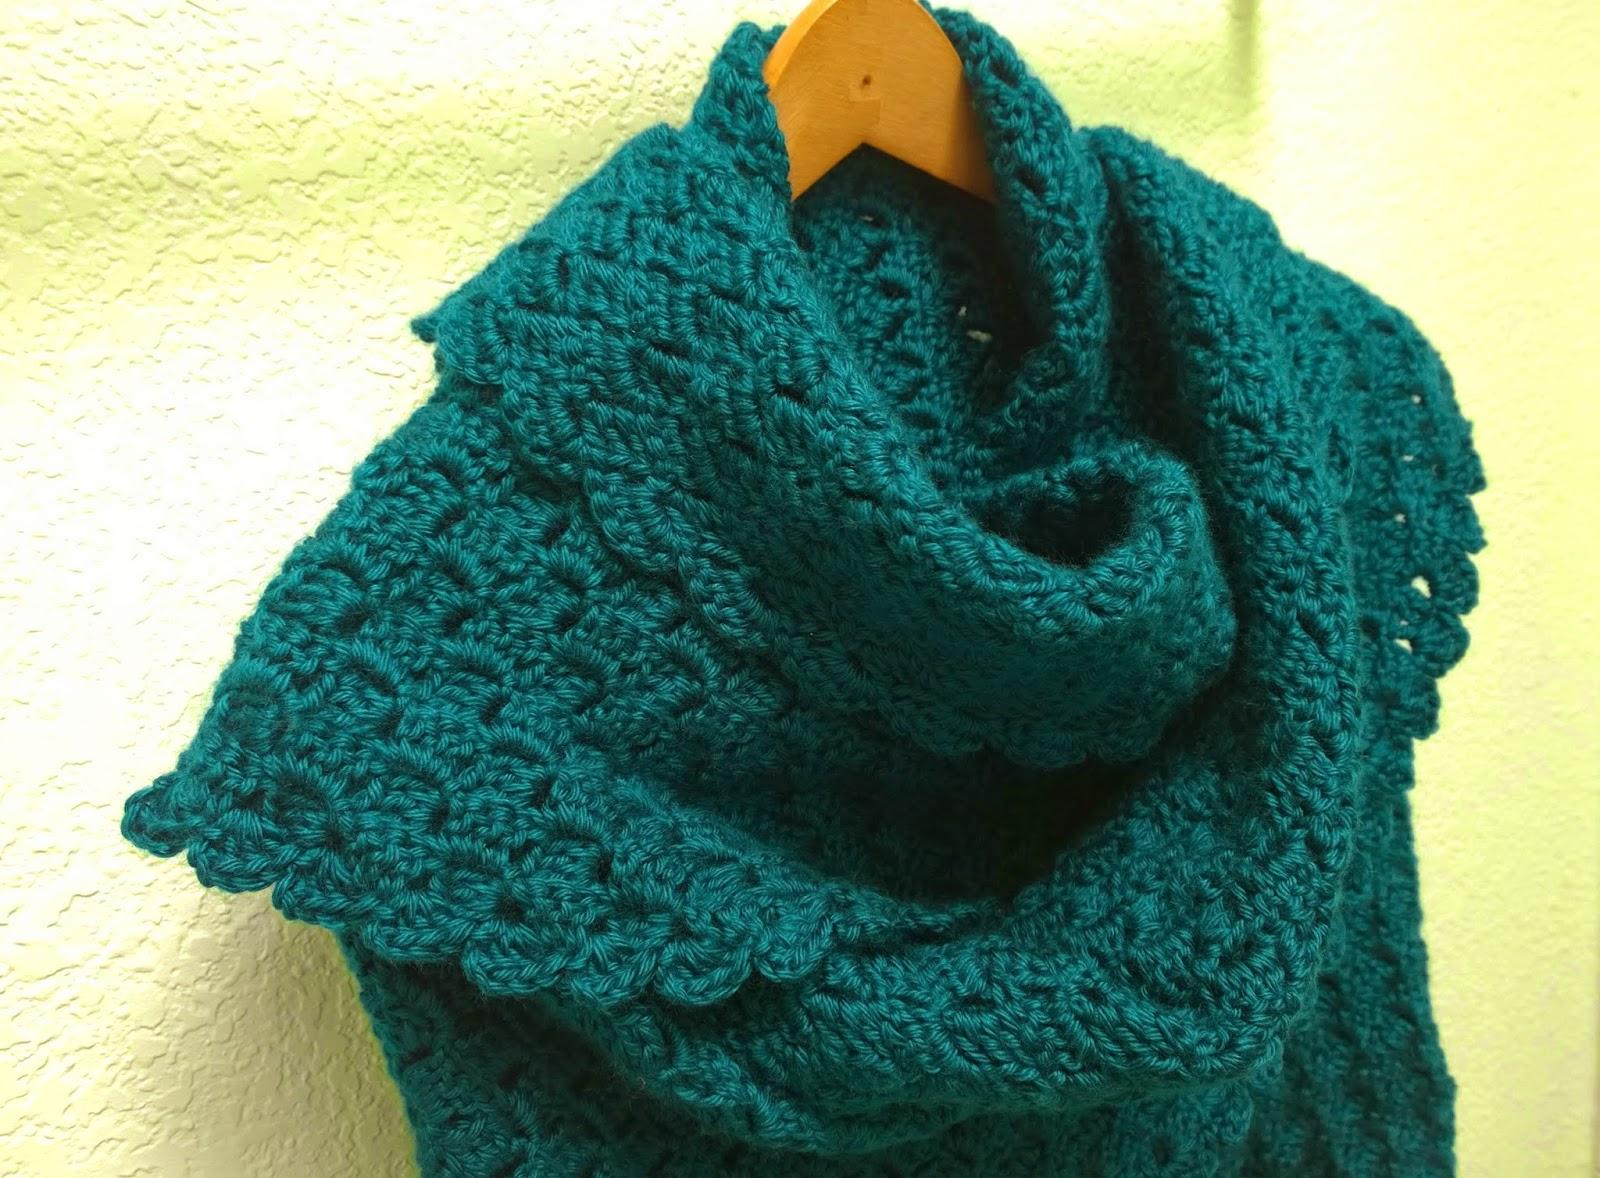 non*sense..: corner to corner triangle shawl